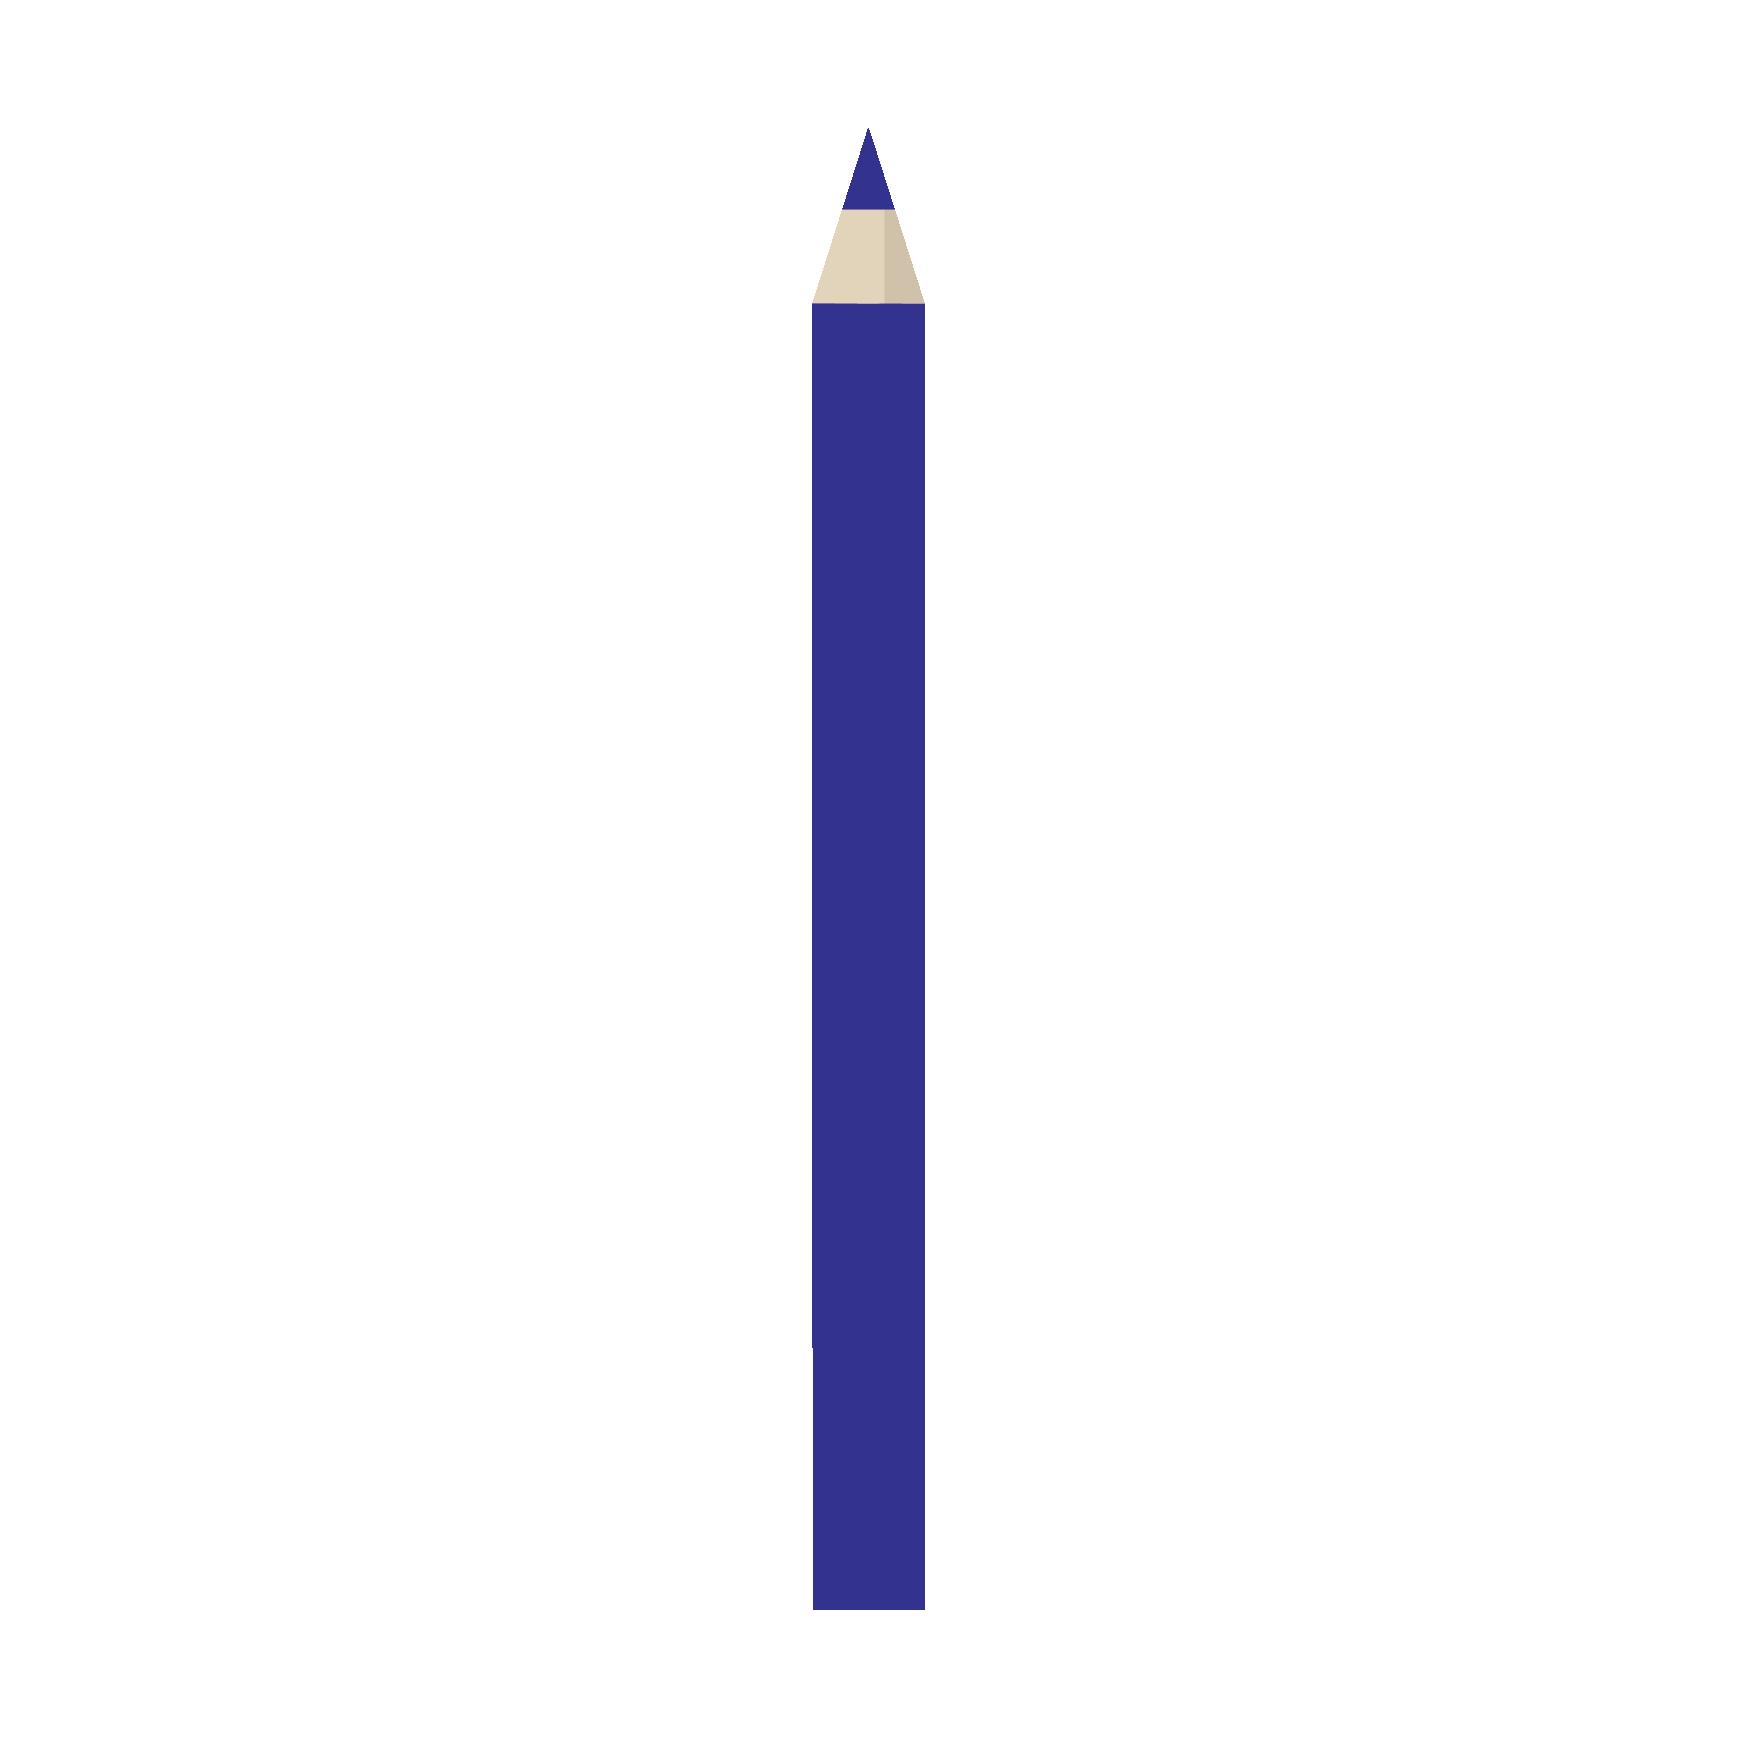 おすすめ! 青 鉛筆(えんぴつ)の フリー イラスト